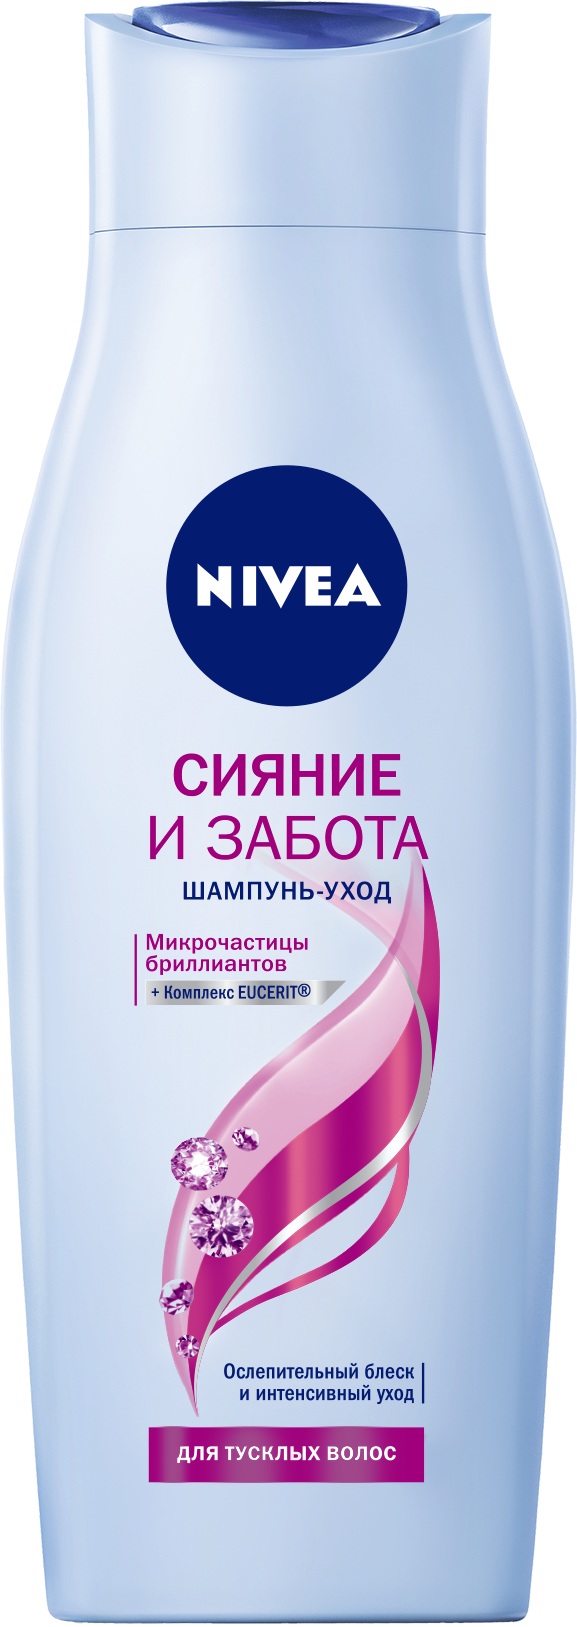 Купить Шампунь NIVEA Сияние и забота 400 мл, шампунь для женщин 81406